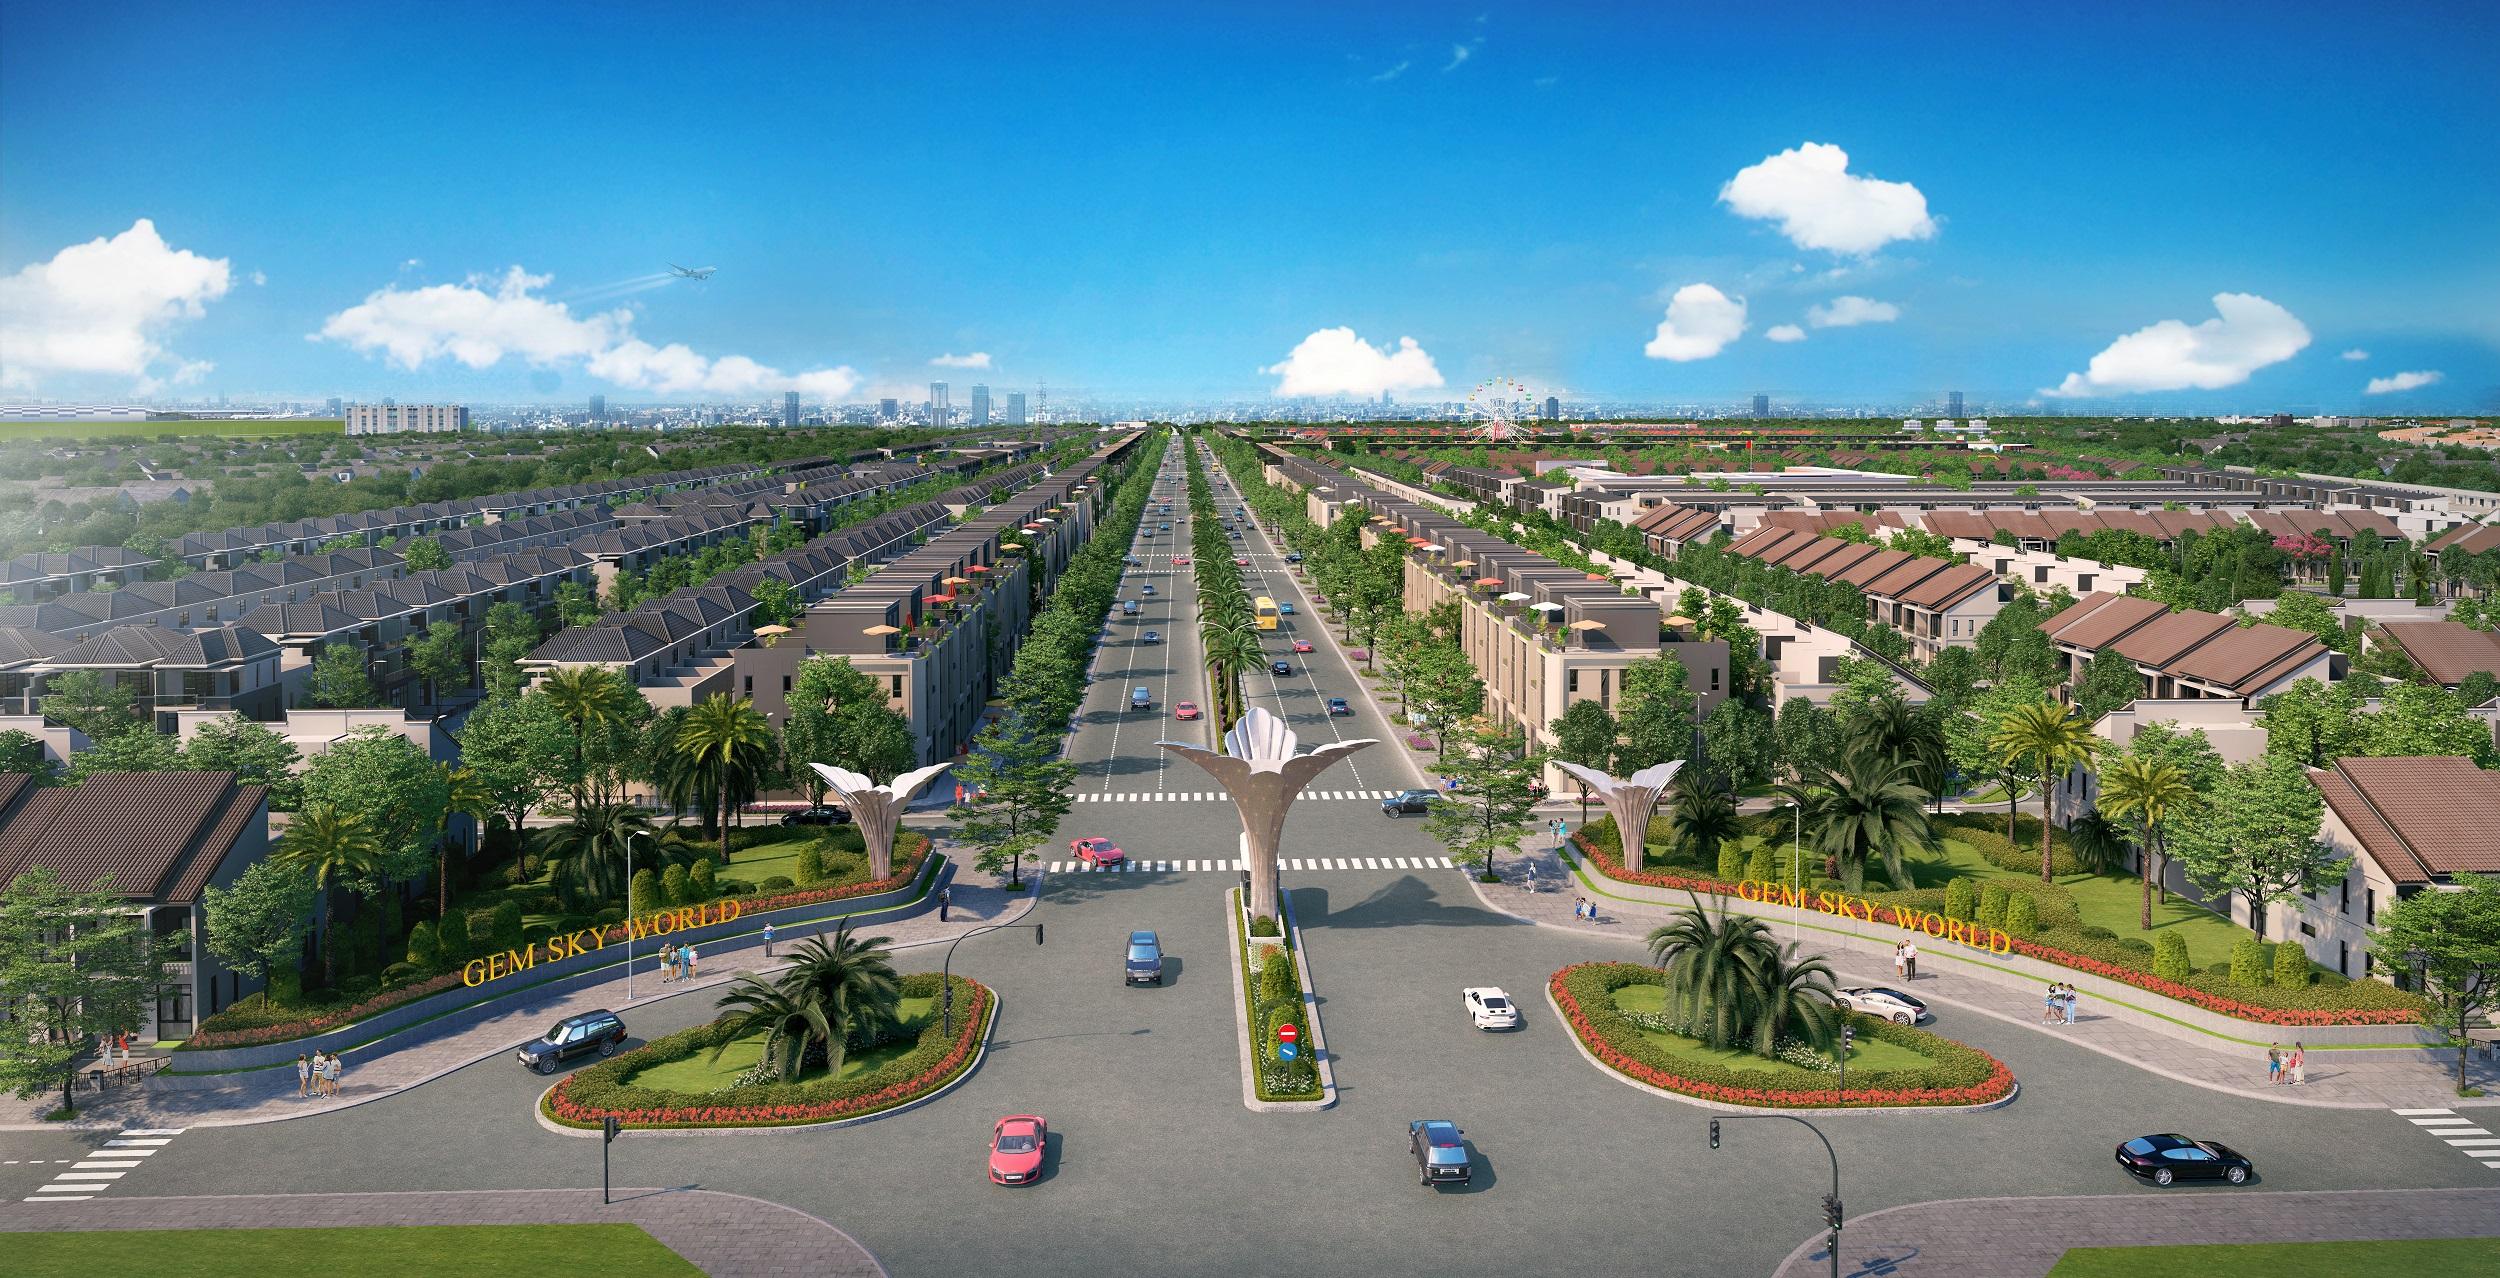 Quy hoạch đồng bộ, khoa học đã tạo nên diện mạo khang trang, hiện đại cho Khu đô thị Gem Sky World.